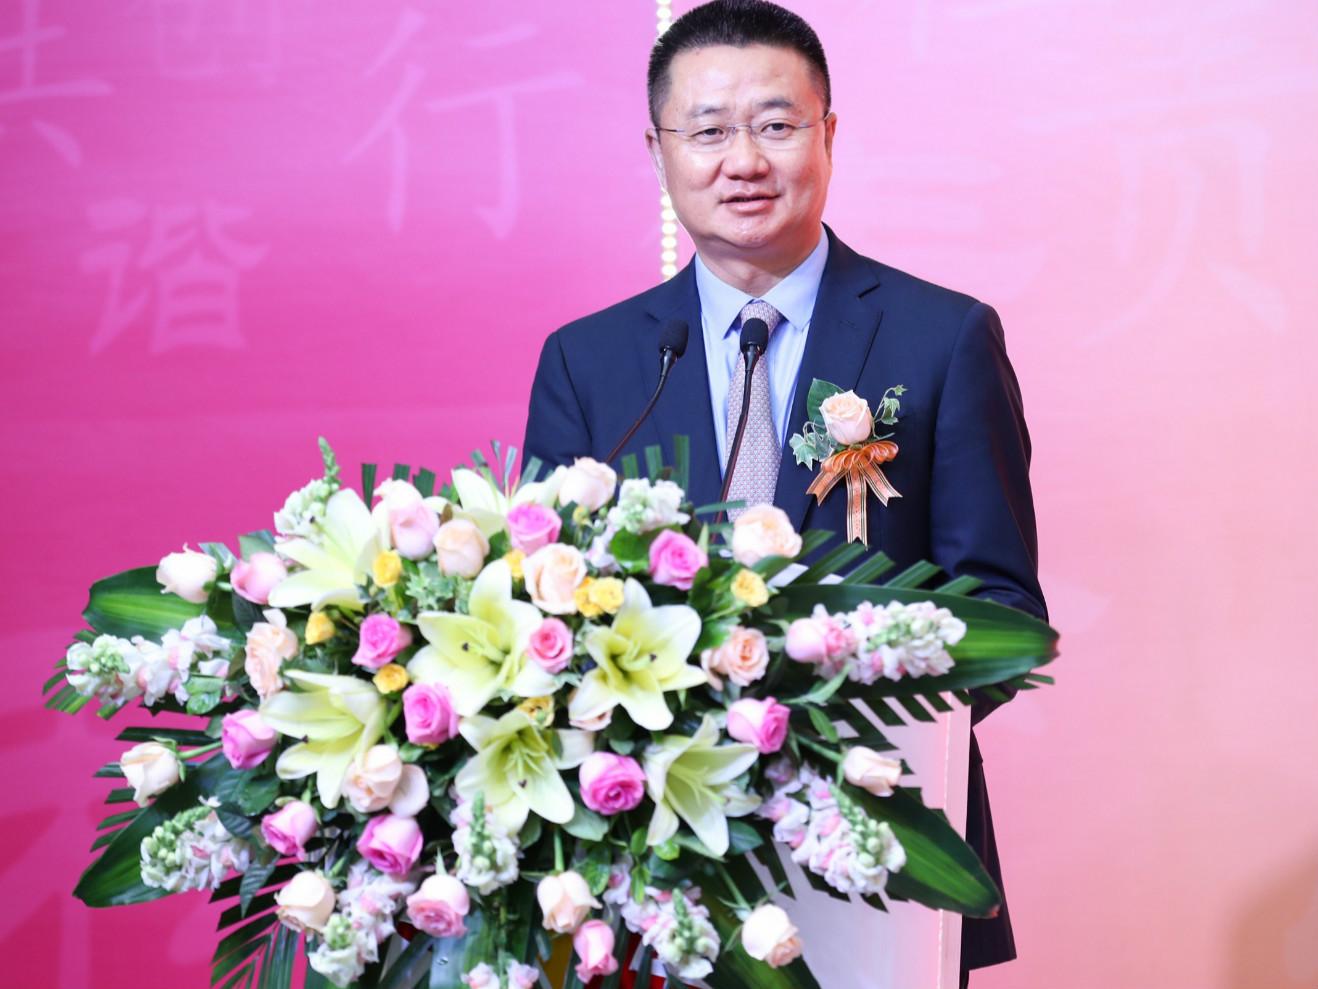 思利及人公益基金会副主席、无限极(中国)有限公司高级副总裁黄健龙